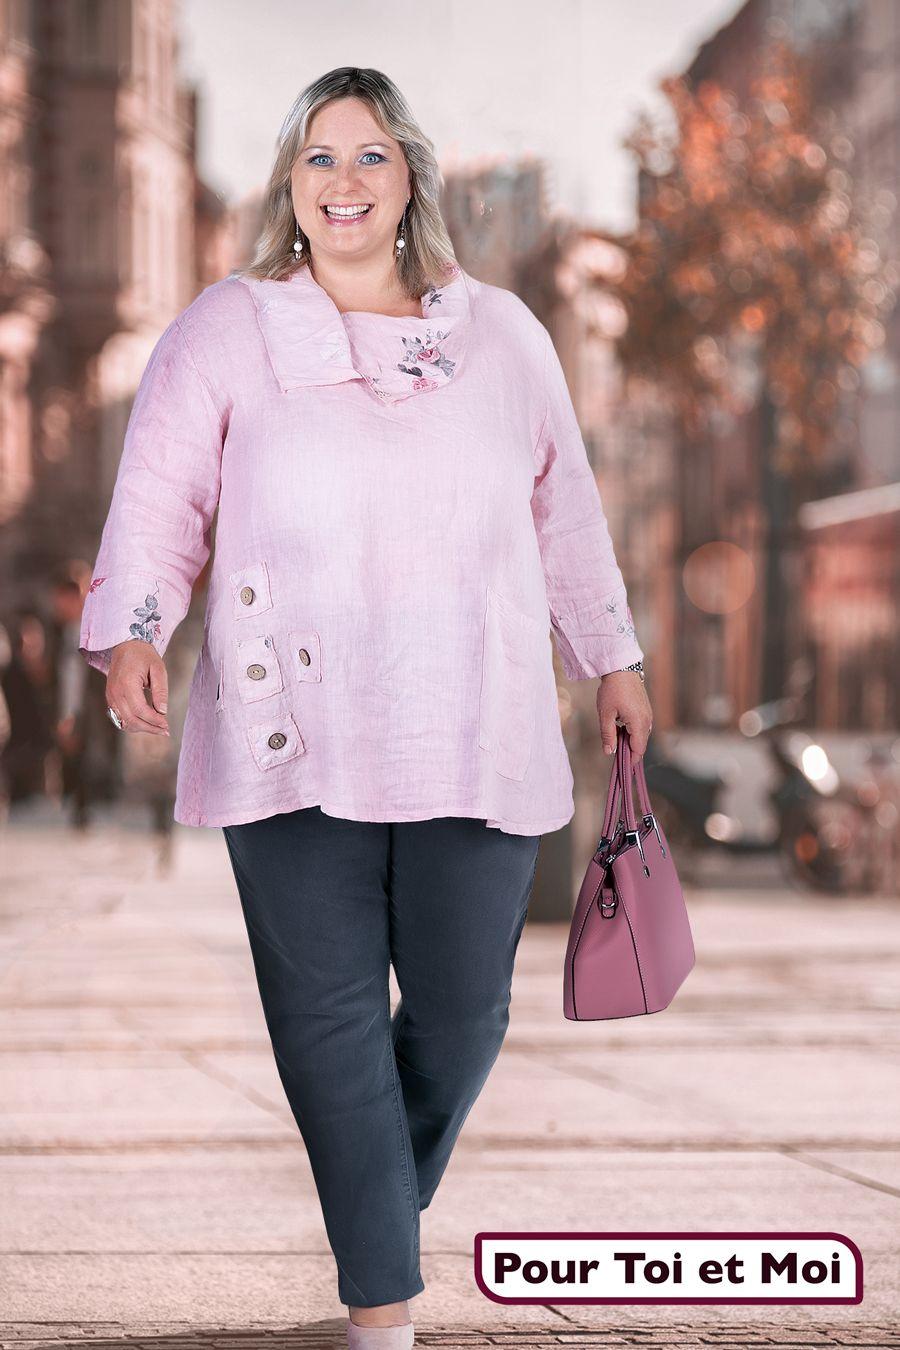 Neuf Grande Taille élégant femmes Long Shirt Rouge Avec Argent Colorée Accessoires Taille 62